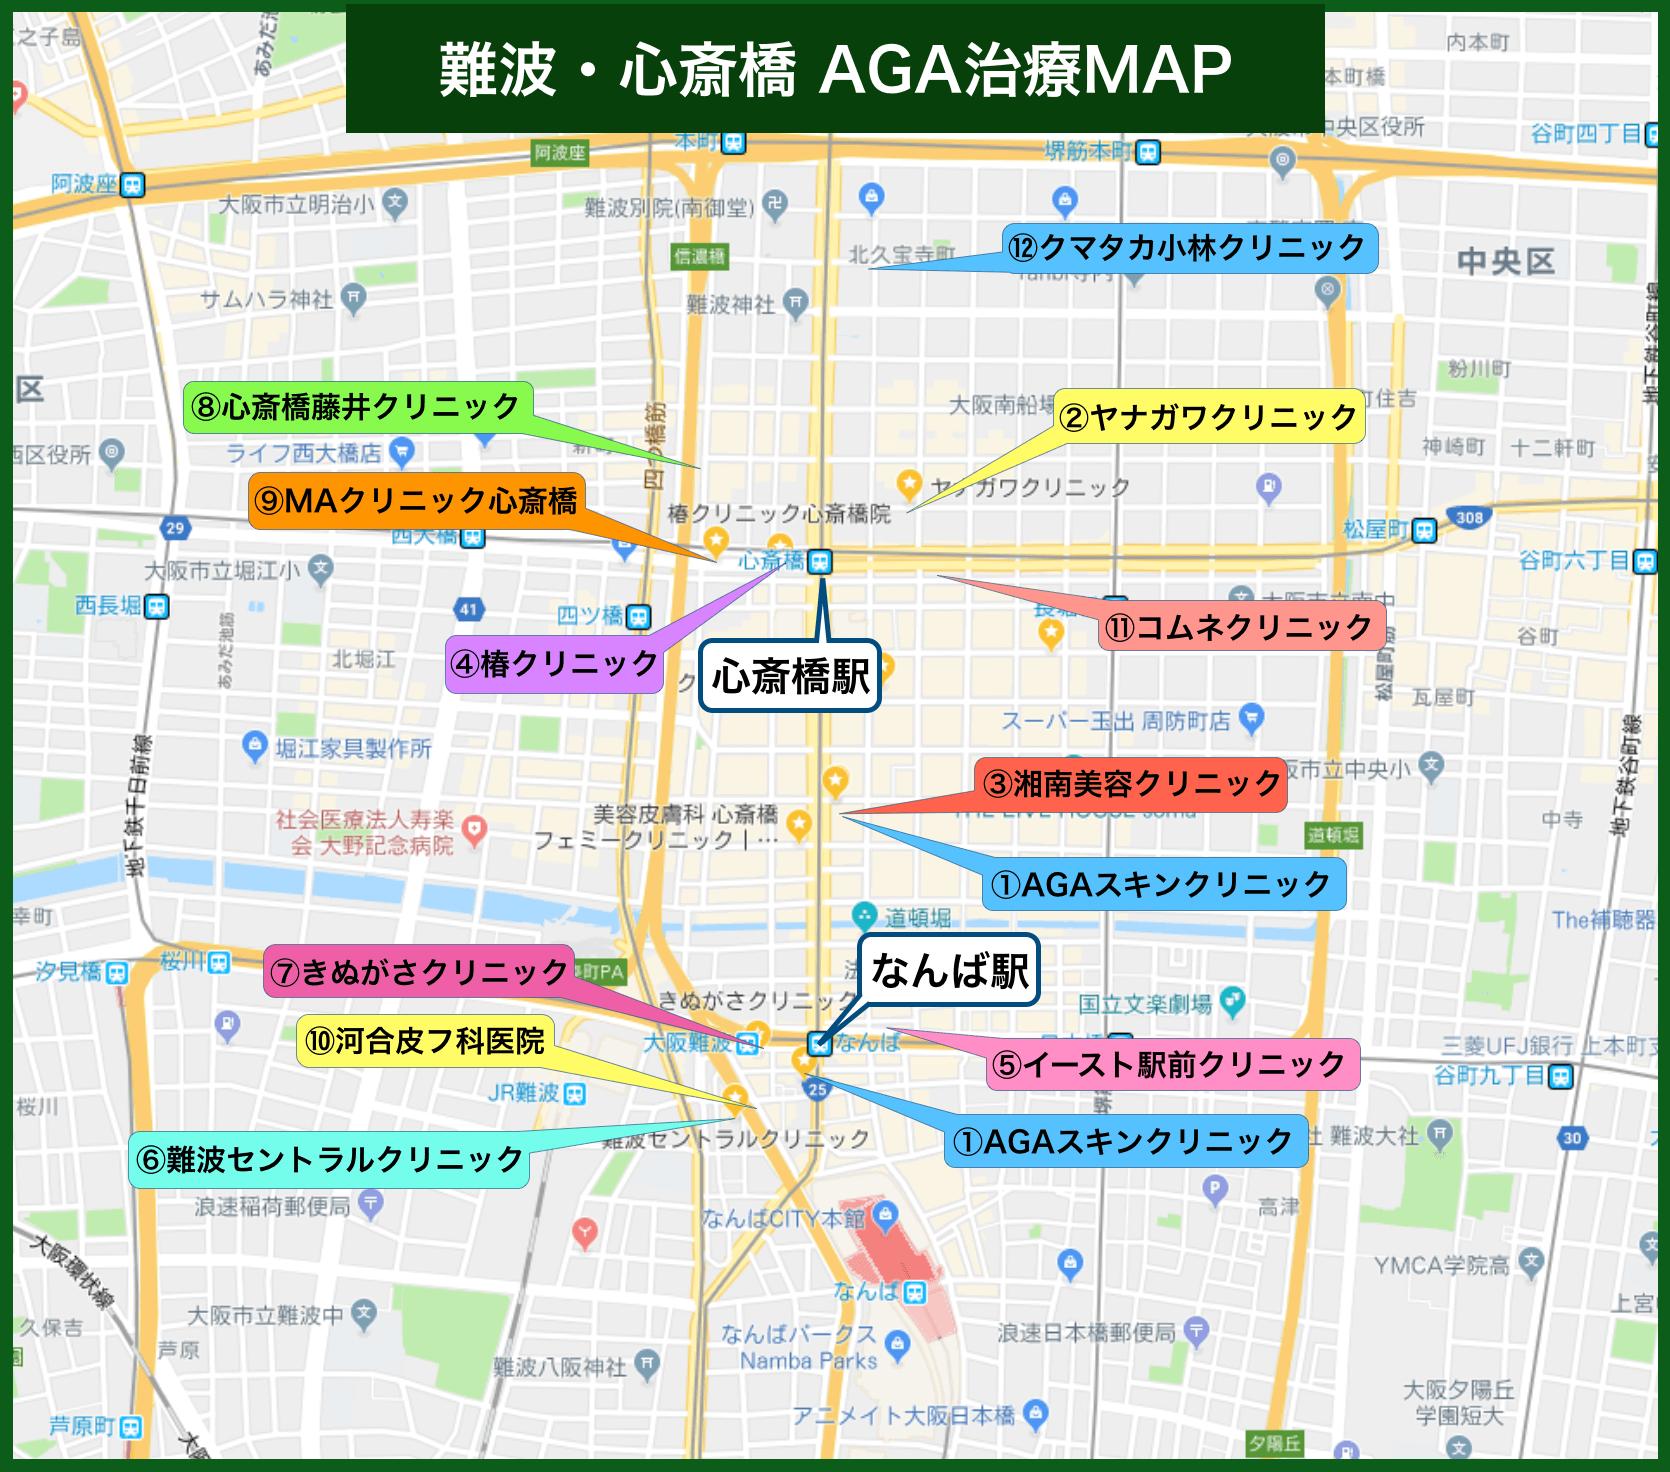 難波・心斎橋AGA治療MAP(2020年版)